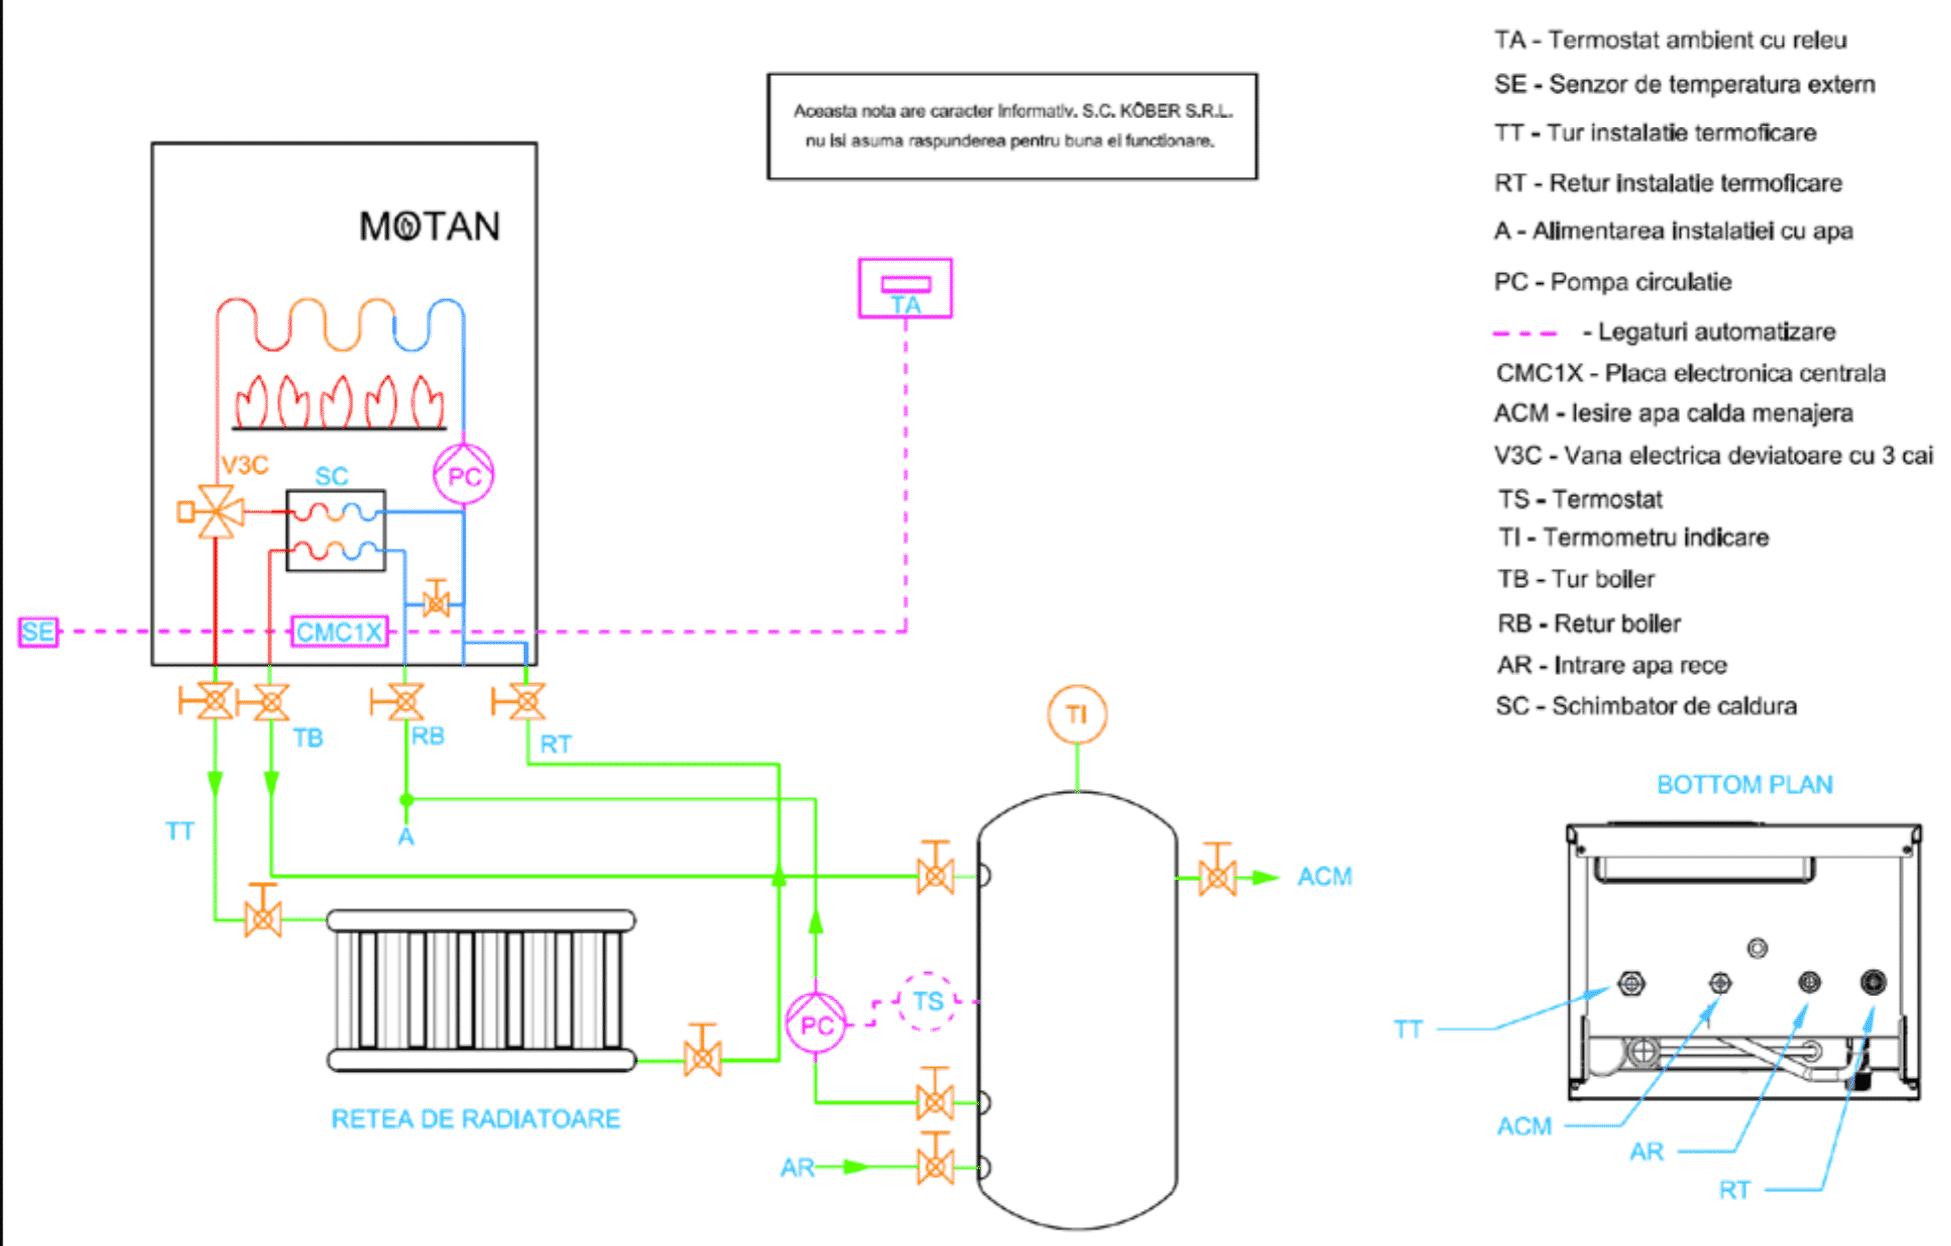 Schema adaugare boiler la o centrala obisnuita - Motan